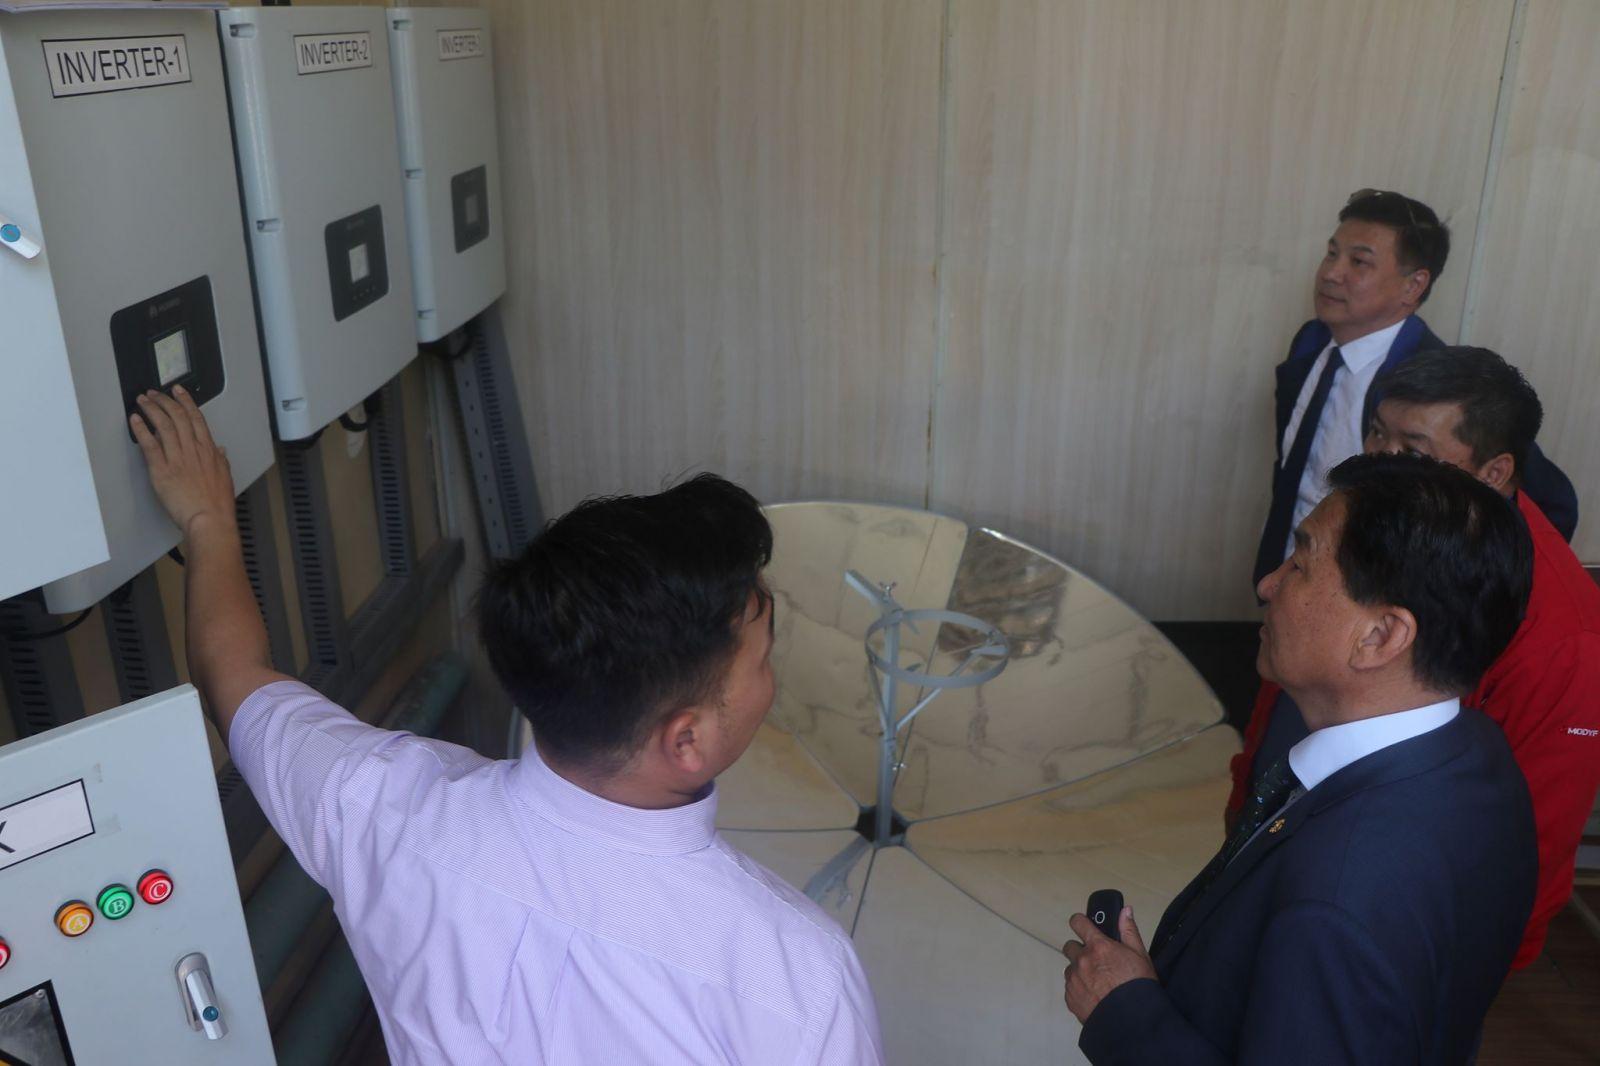 Сэргээгдэх эрчим хүчний үндэсний төв ТӨААҮГ-ын үйл ажиллагаатай танилцлаа